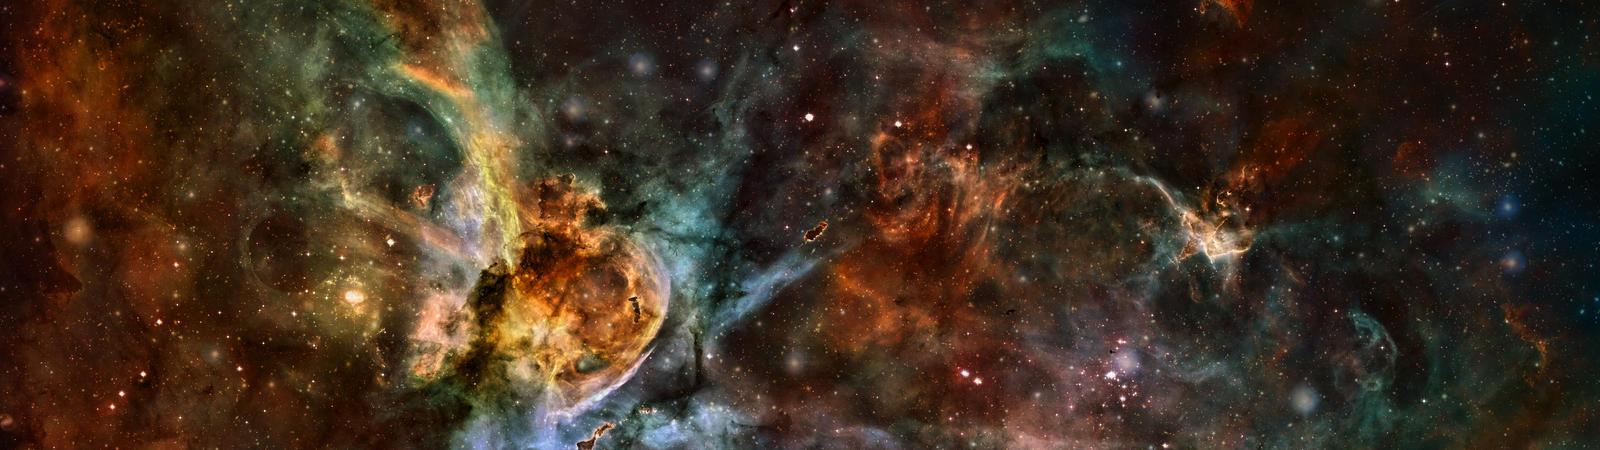 Carina Nebula meets COSMOS field by Phaze-Phusion